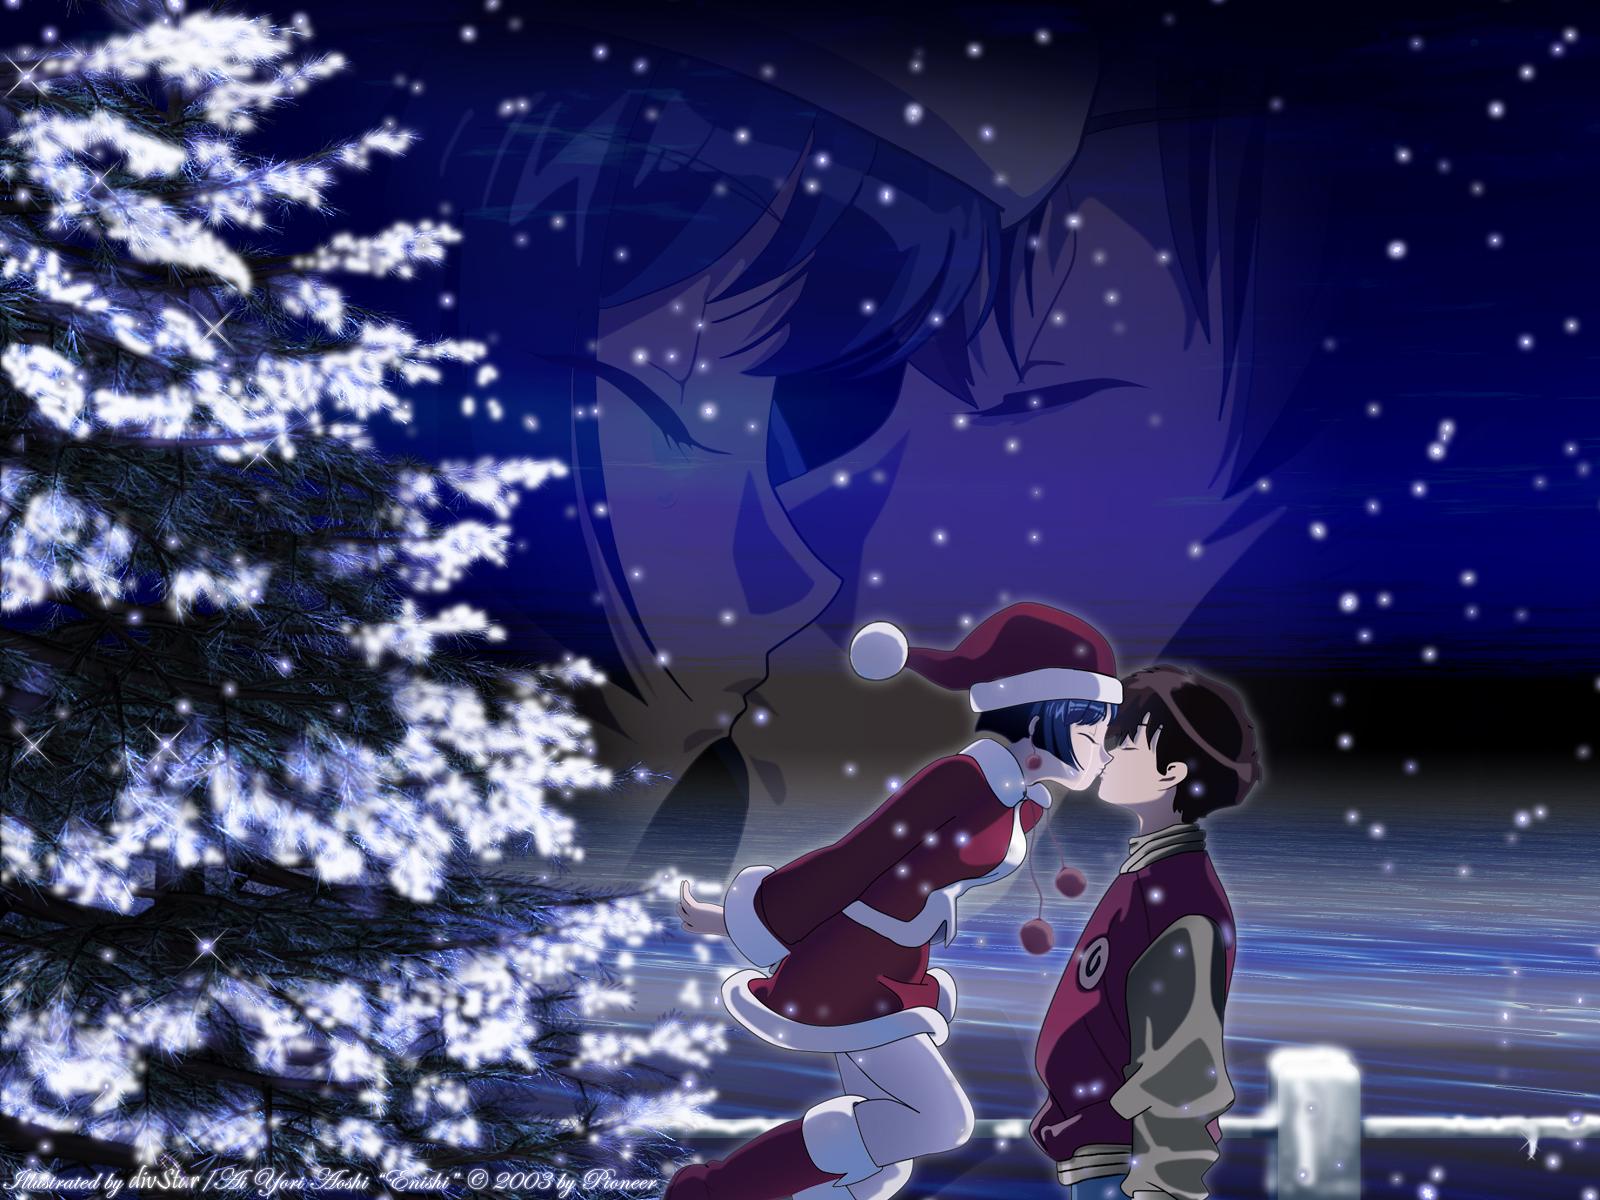 Fondos Navidad Animados: Christmas Wallpaper And Background Image